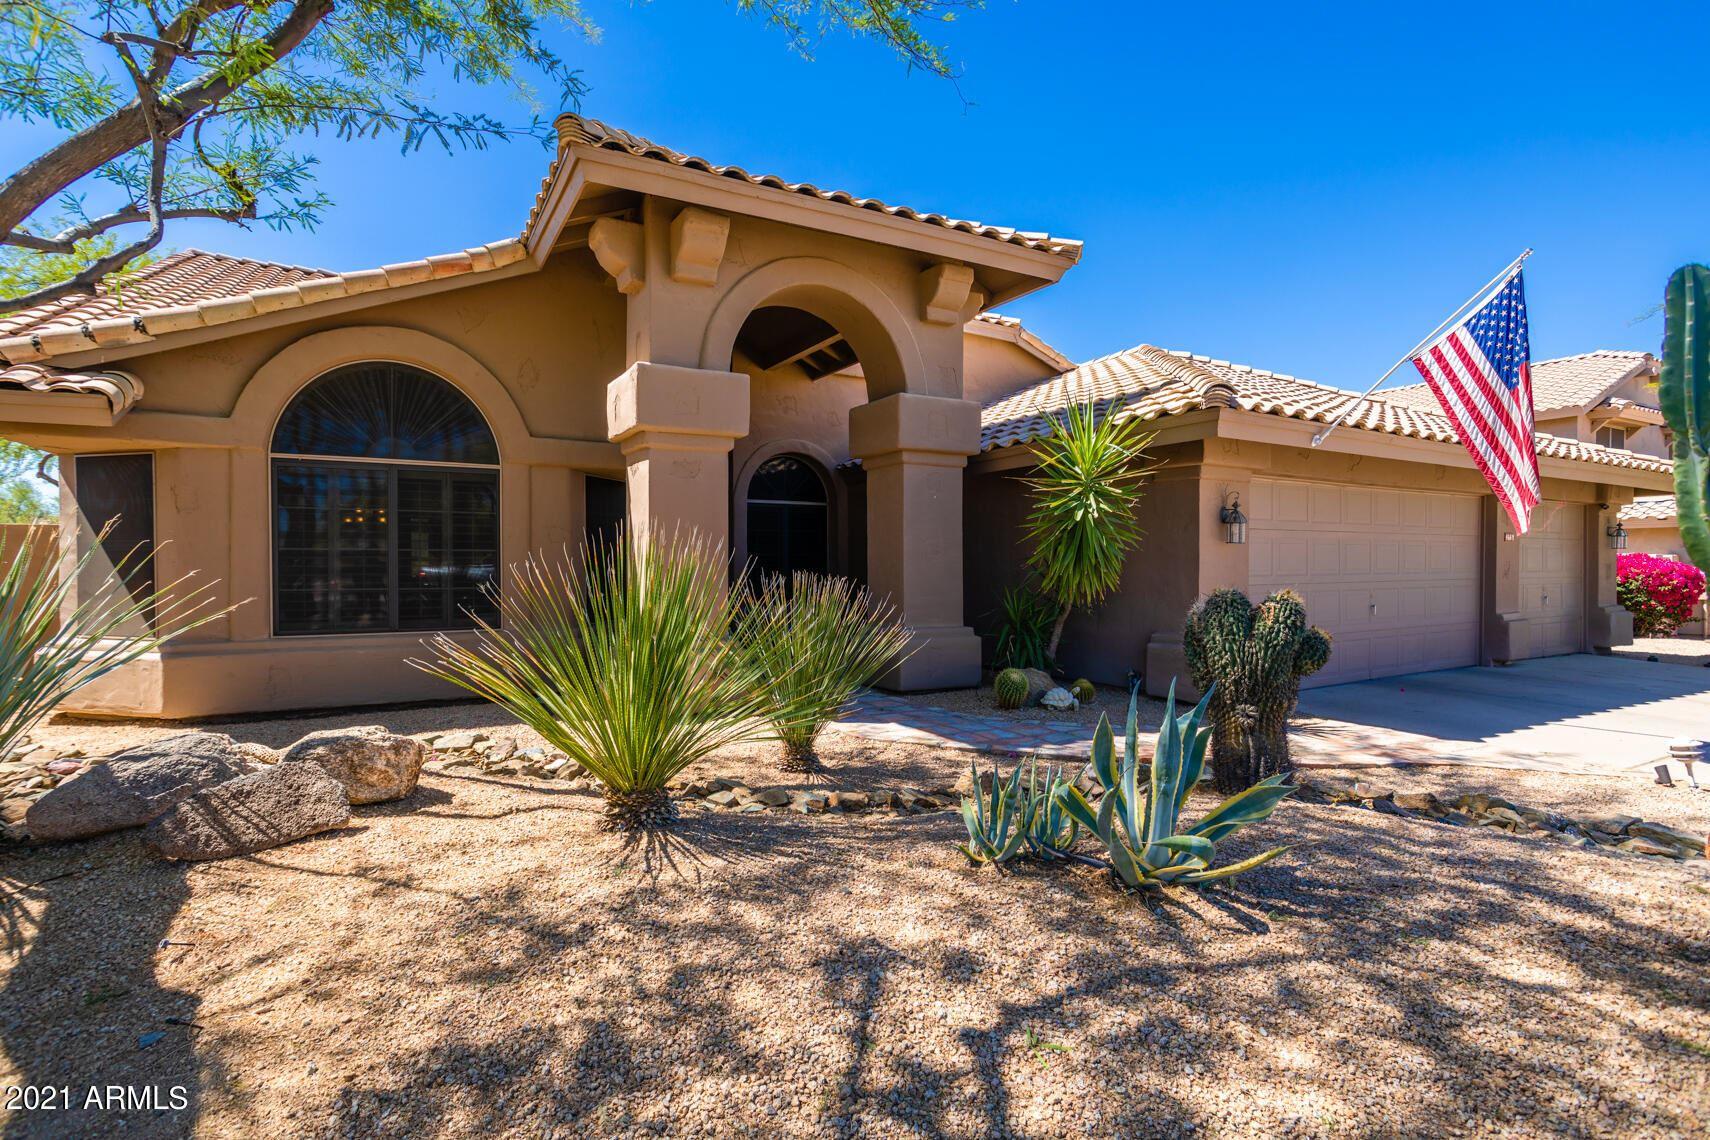 Photo of 4669 E PALO BREA Lane, Cave Creek, AZ 85331 (MLS # 6234086)